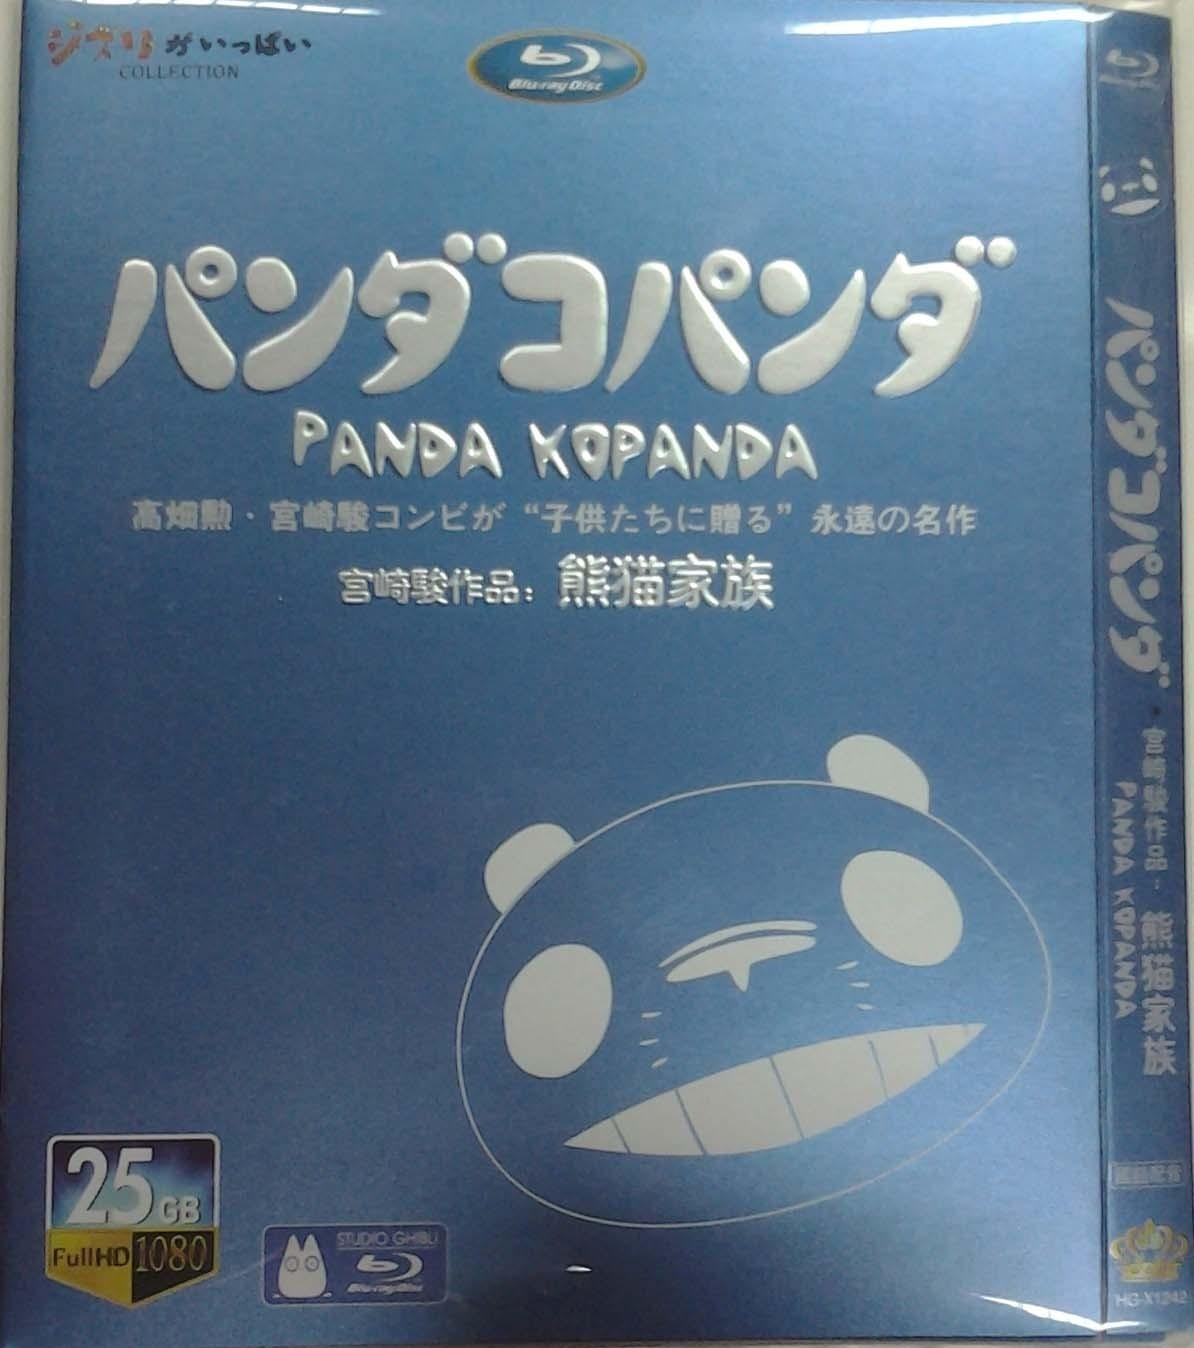 熊猫家族(宫崎骏) 由宫崎骏担任原画之一的高畑勋的作品,朴素,简单,为我们营造了一个如此单纯的清泉世界 26-077